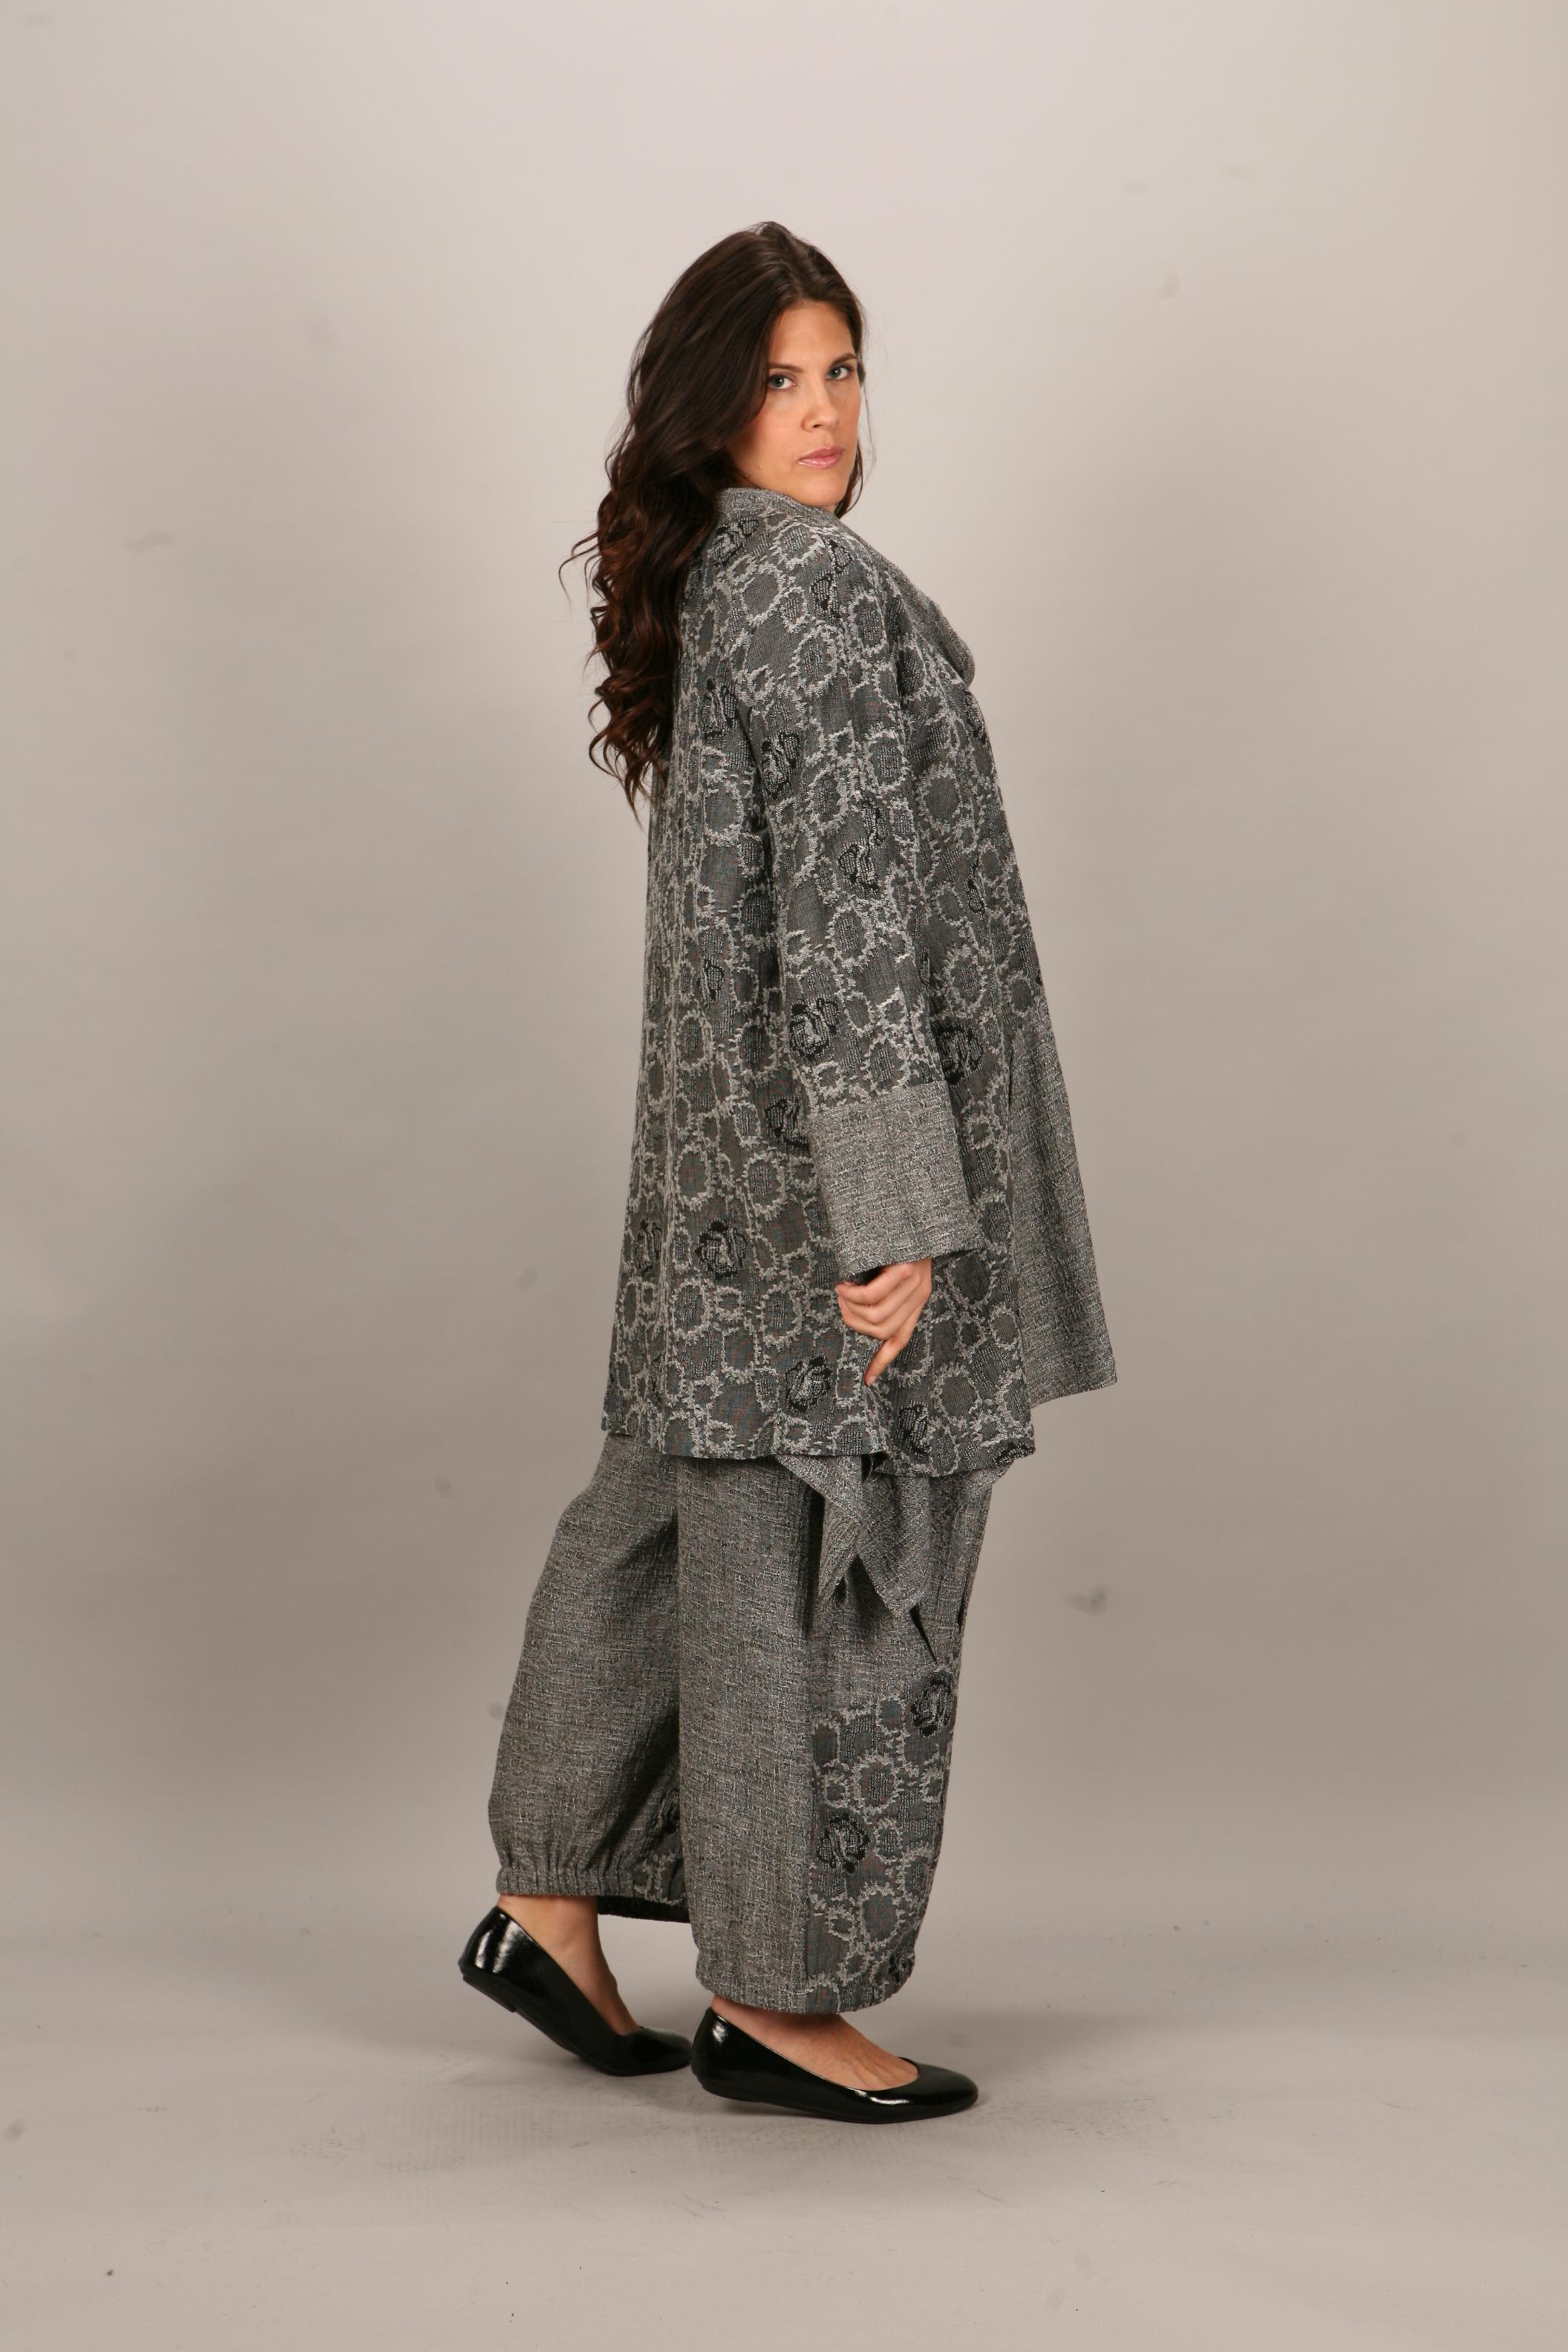 Transparente Designs European Fashion